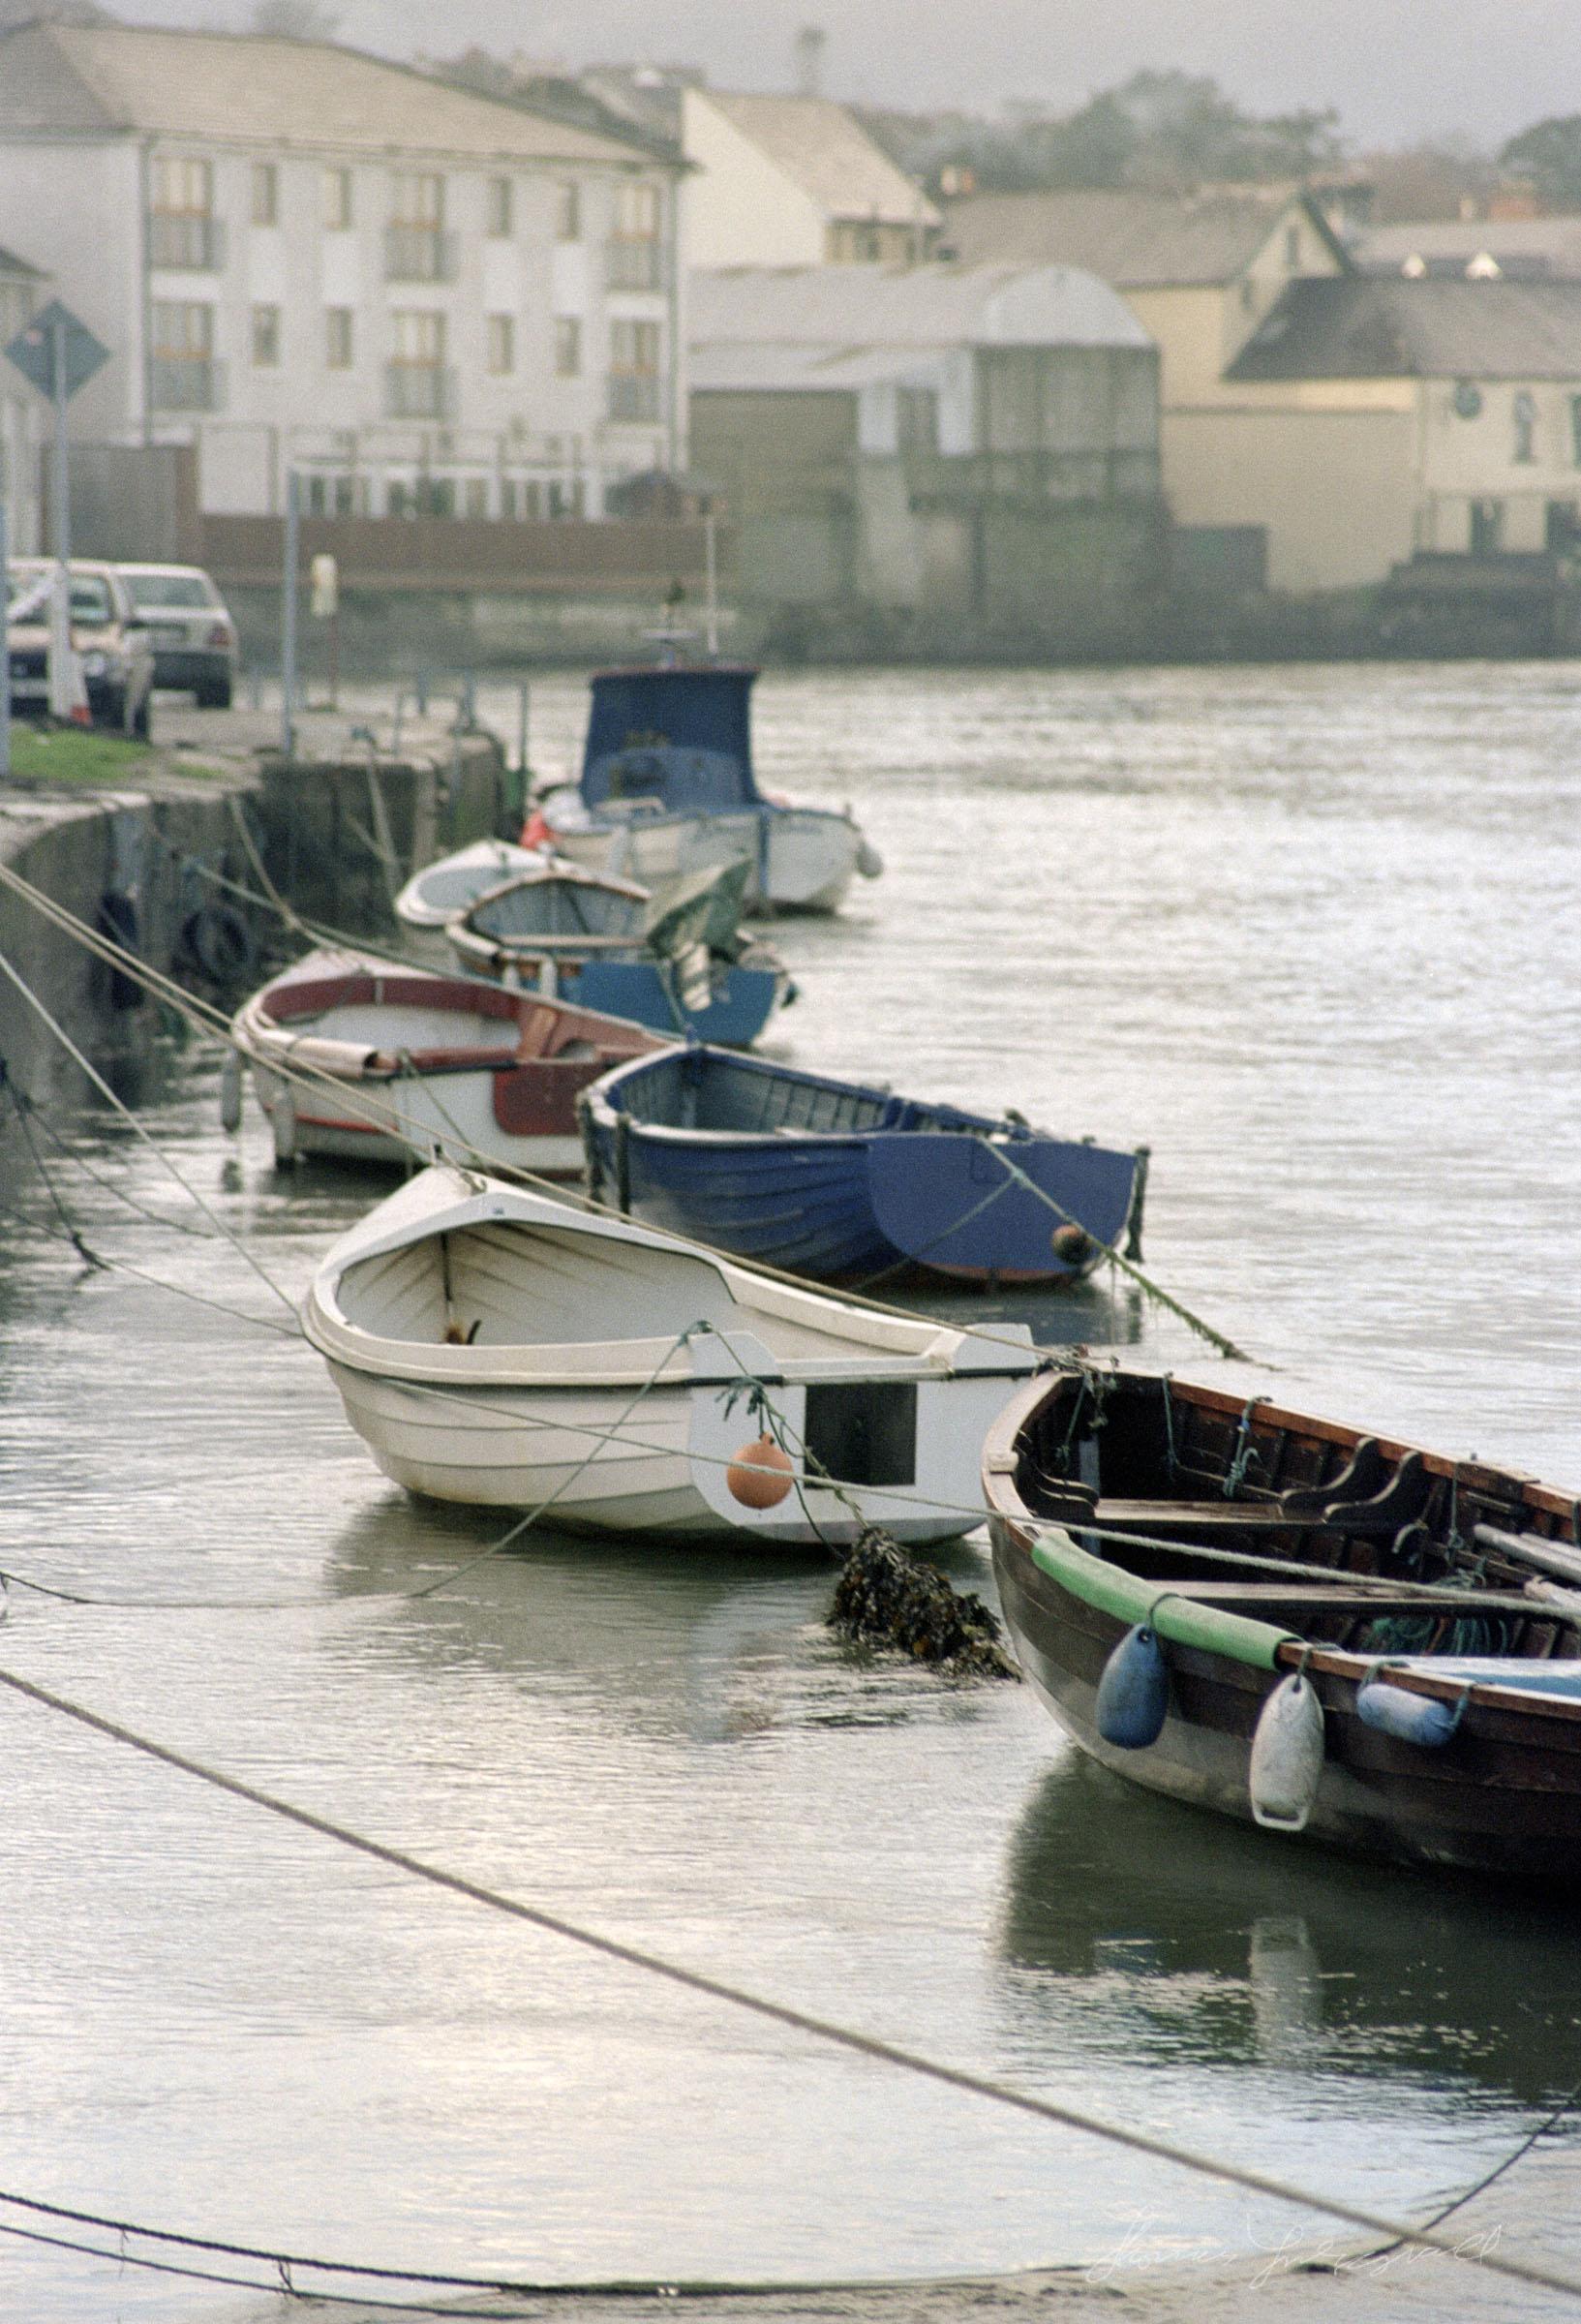 wicklow-boats5.jpg